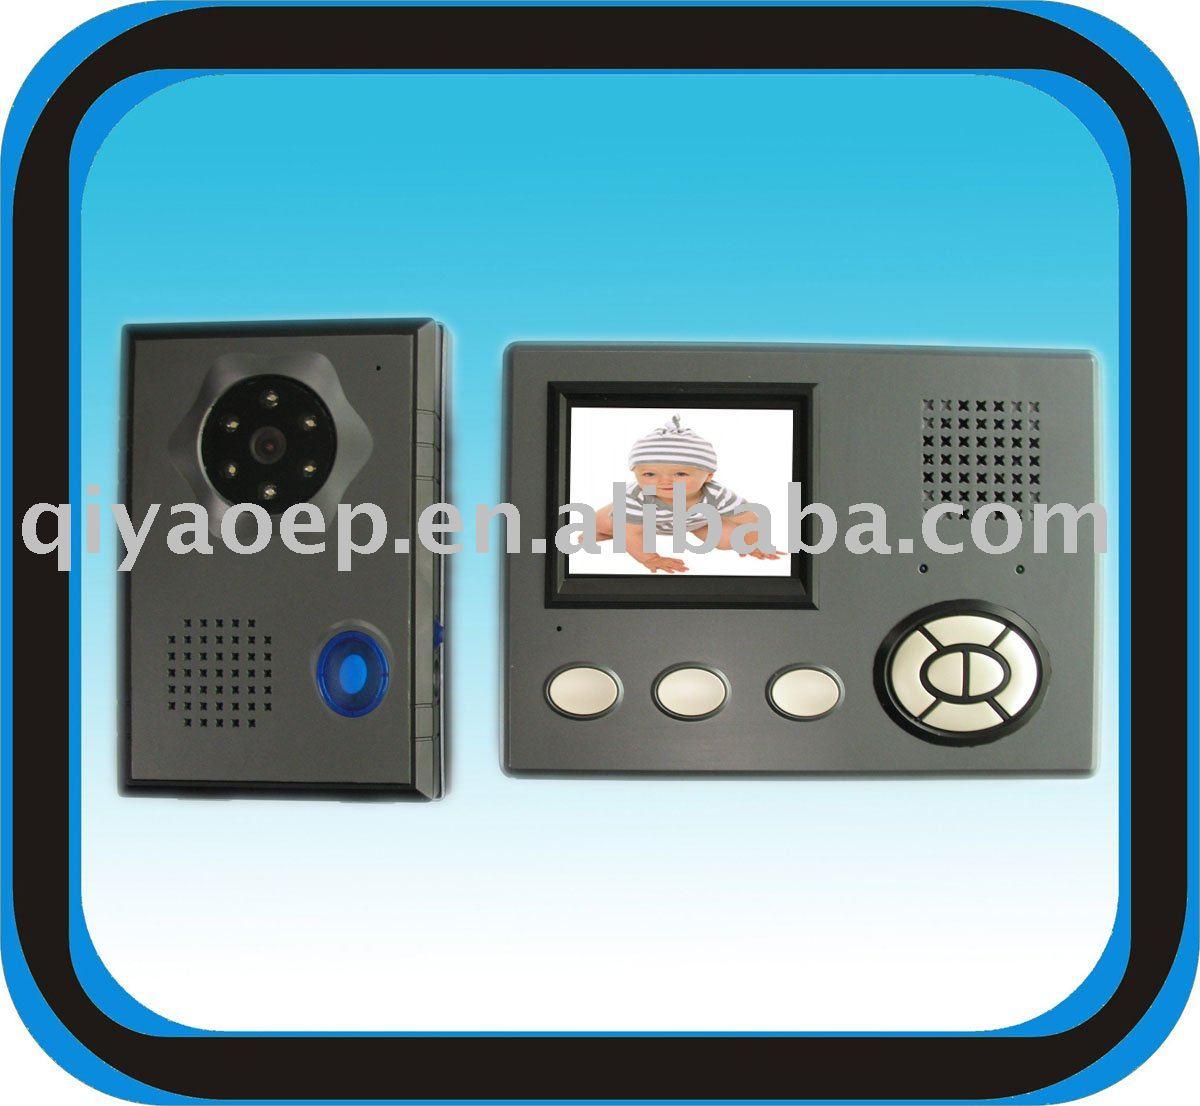 Doorbell With Video Camera Wholesale, Doorbell Suppliers - Alibaba